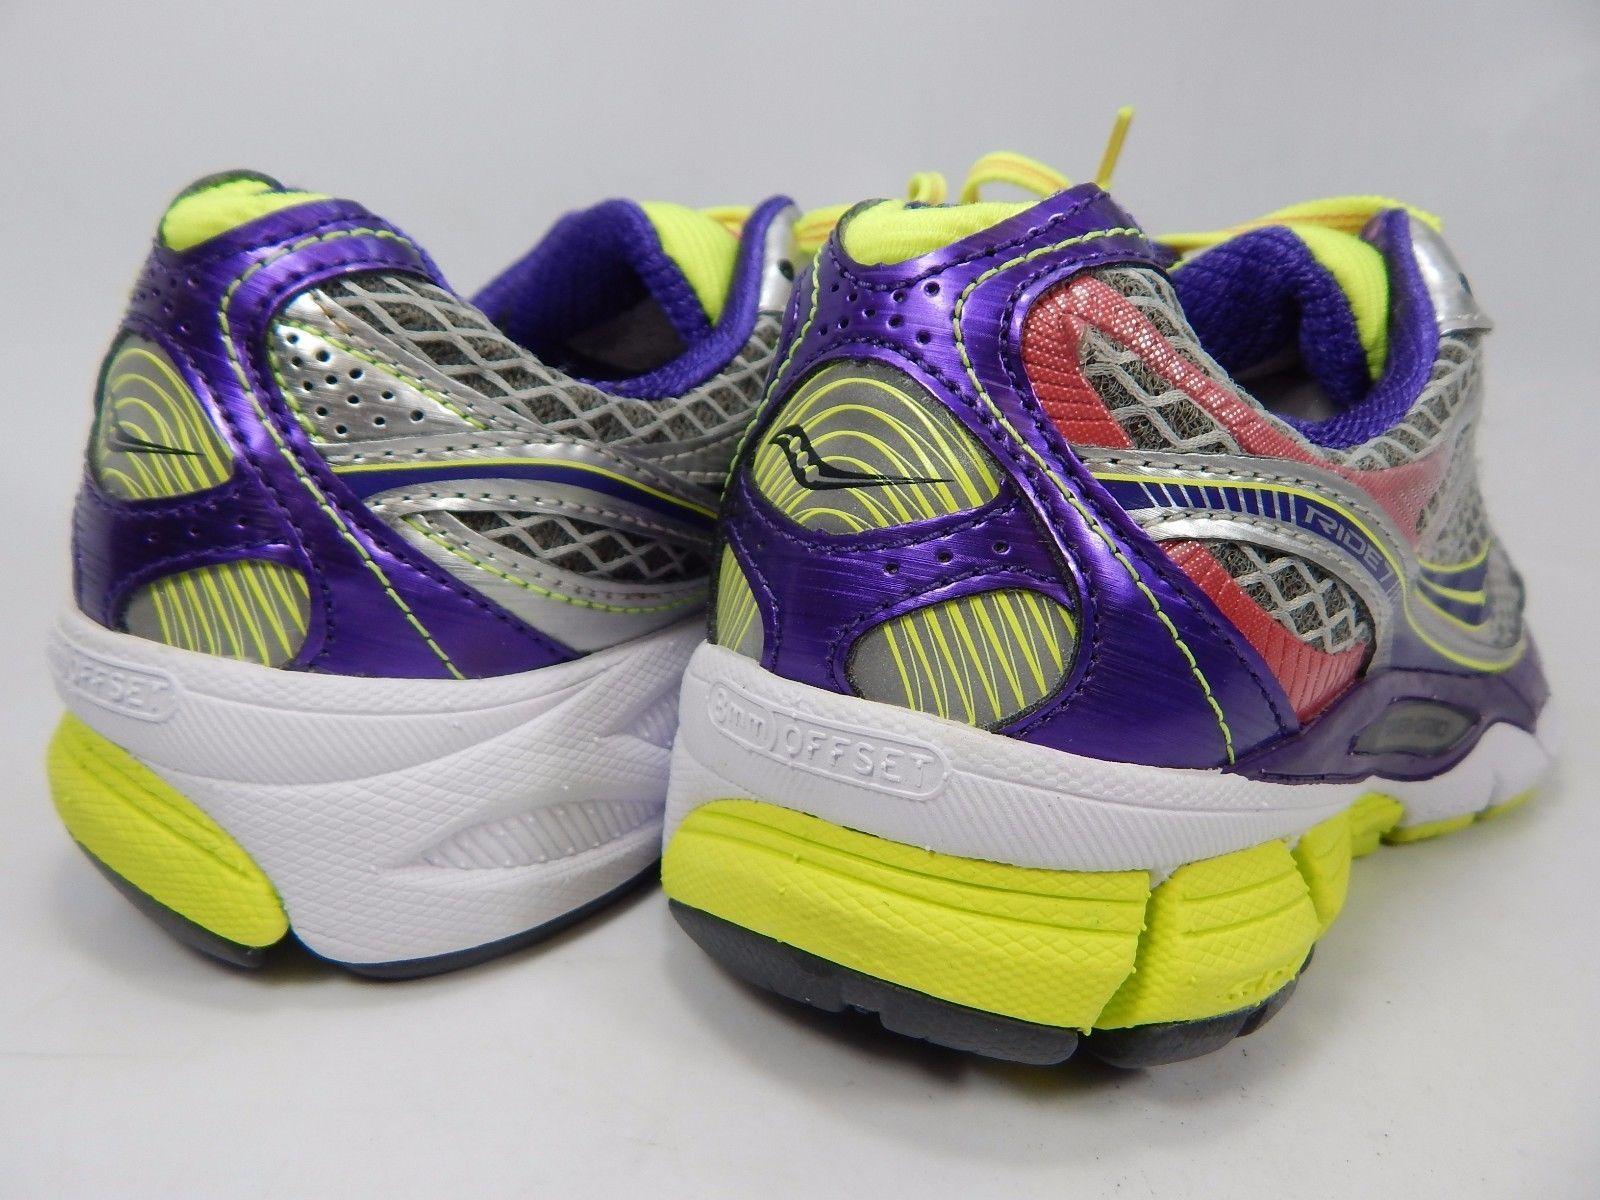 Saucony Ride 7 Women's Running Shoes Size US 6.5 M (B) EU 37.5 Gray S10241-2